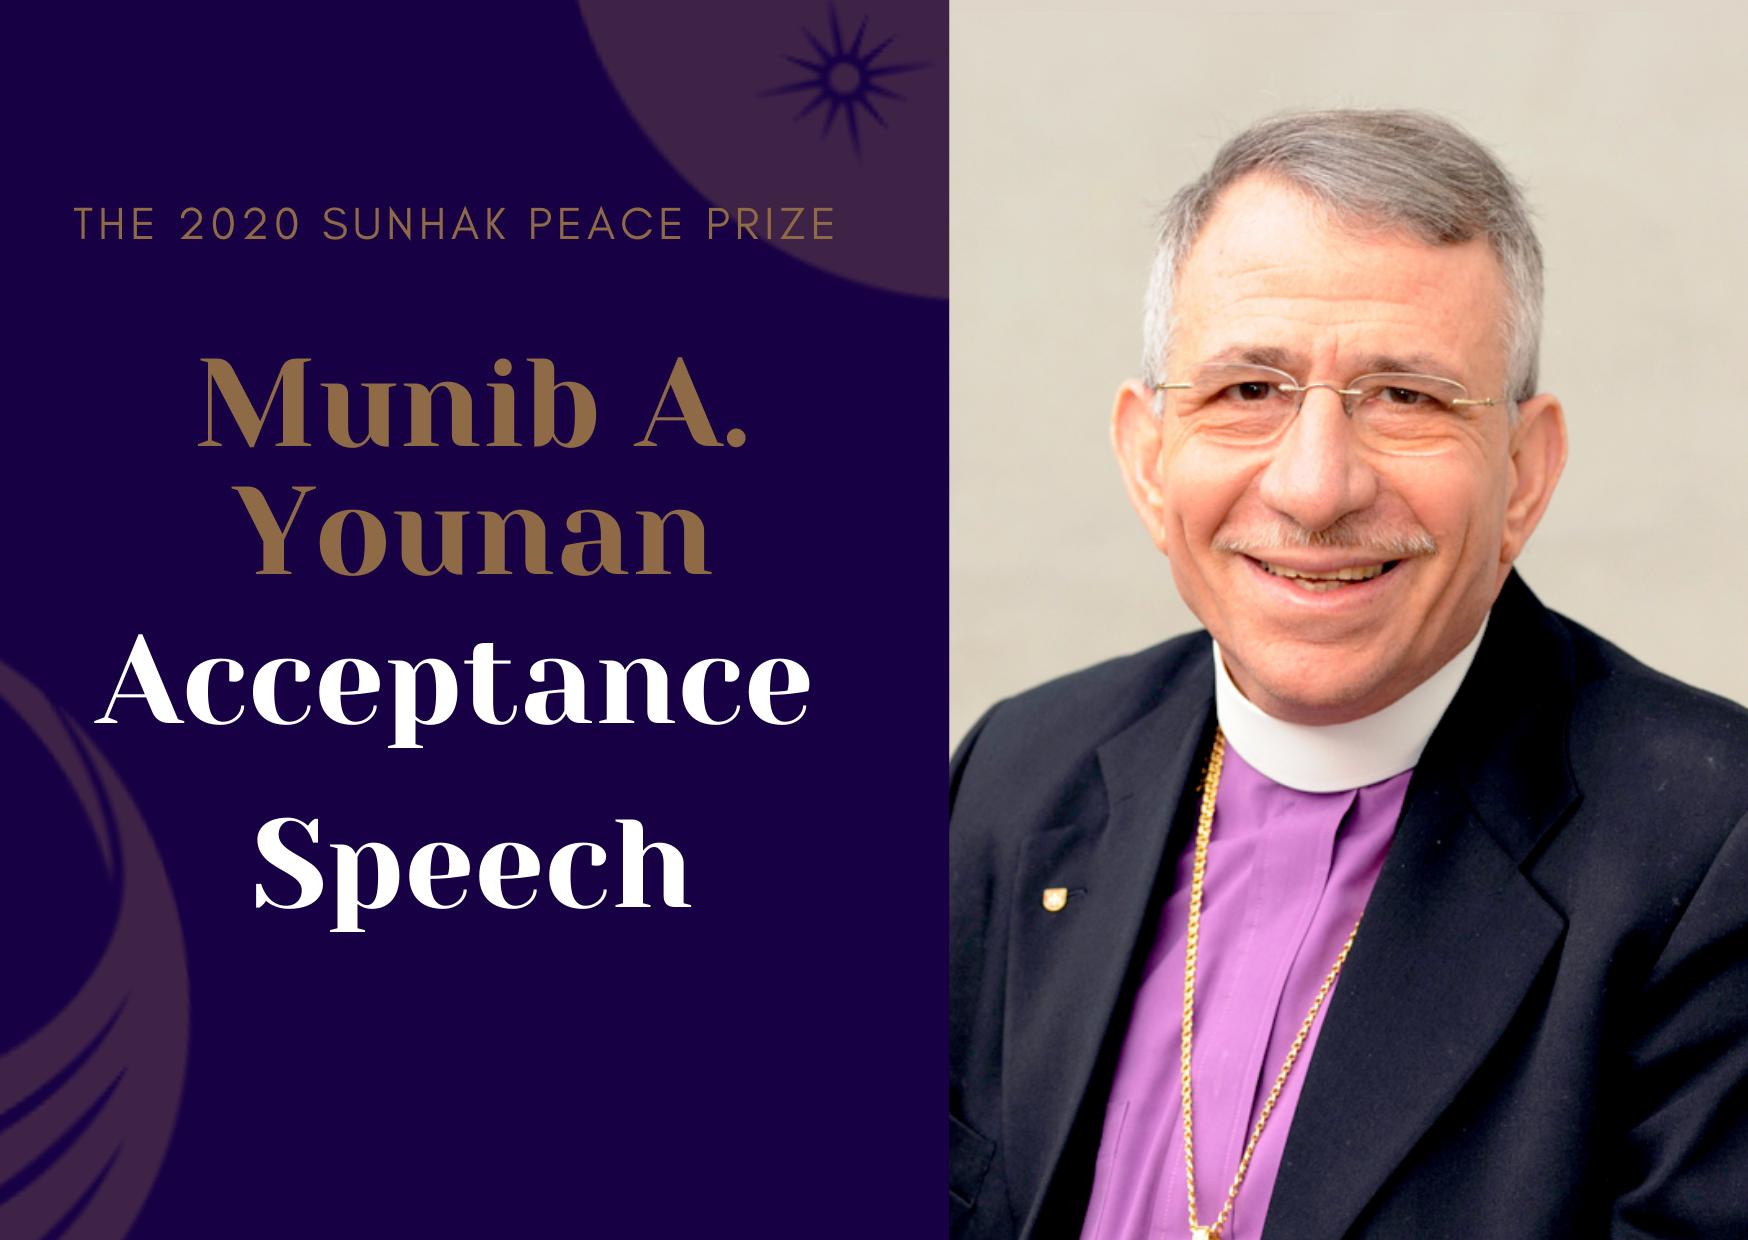 Munib Younan Acceptance Speech 썸네일